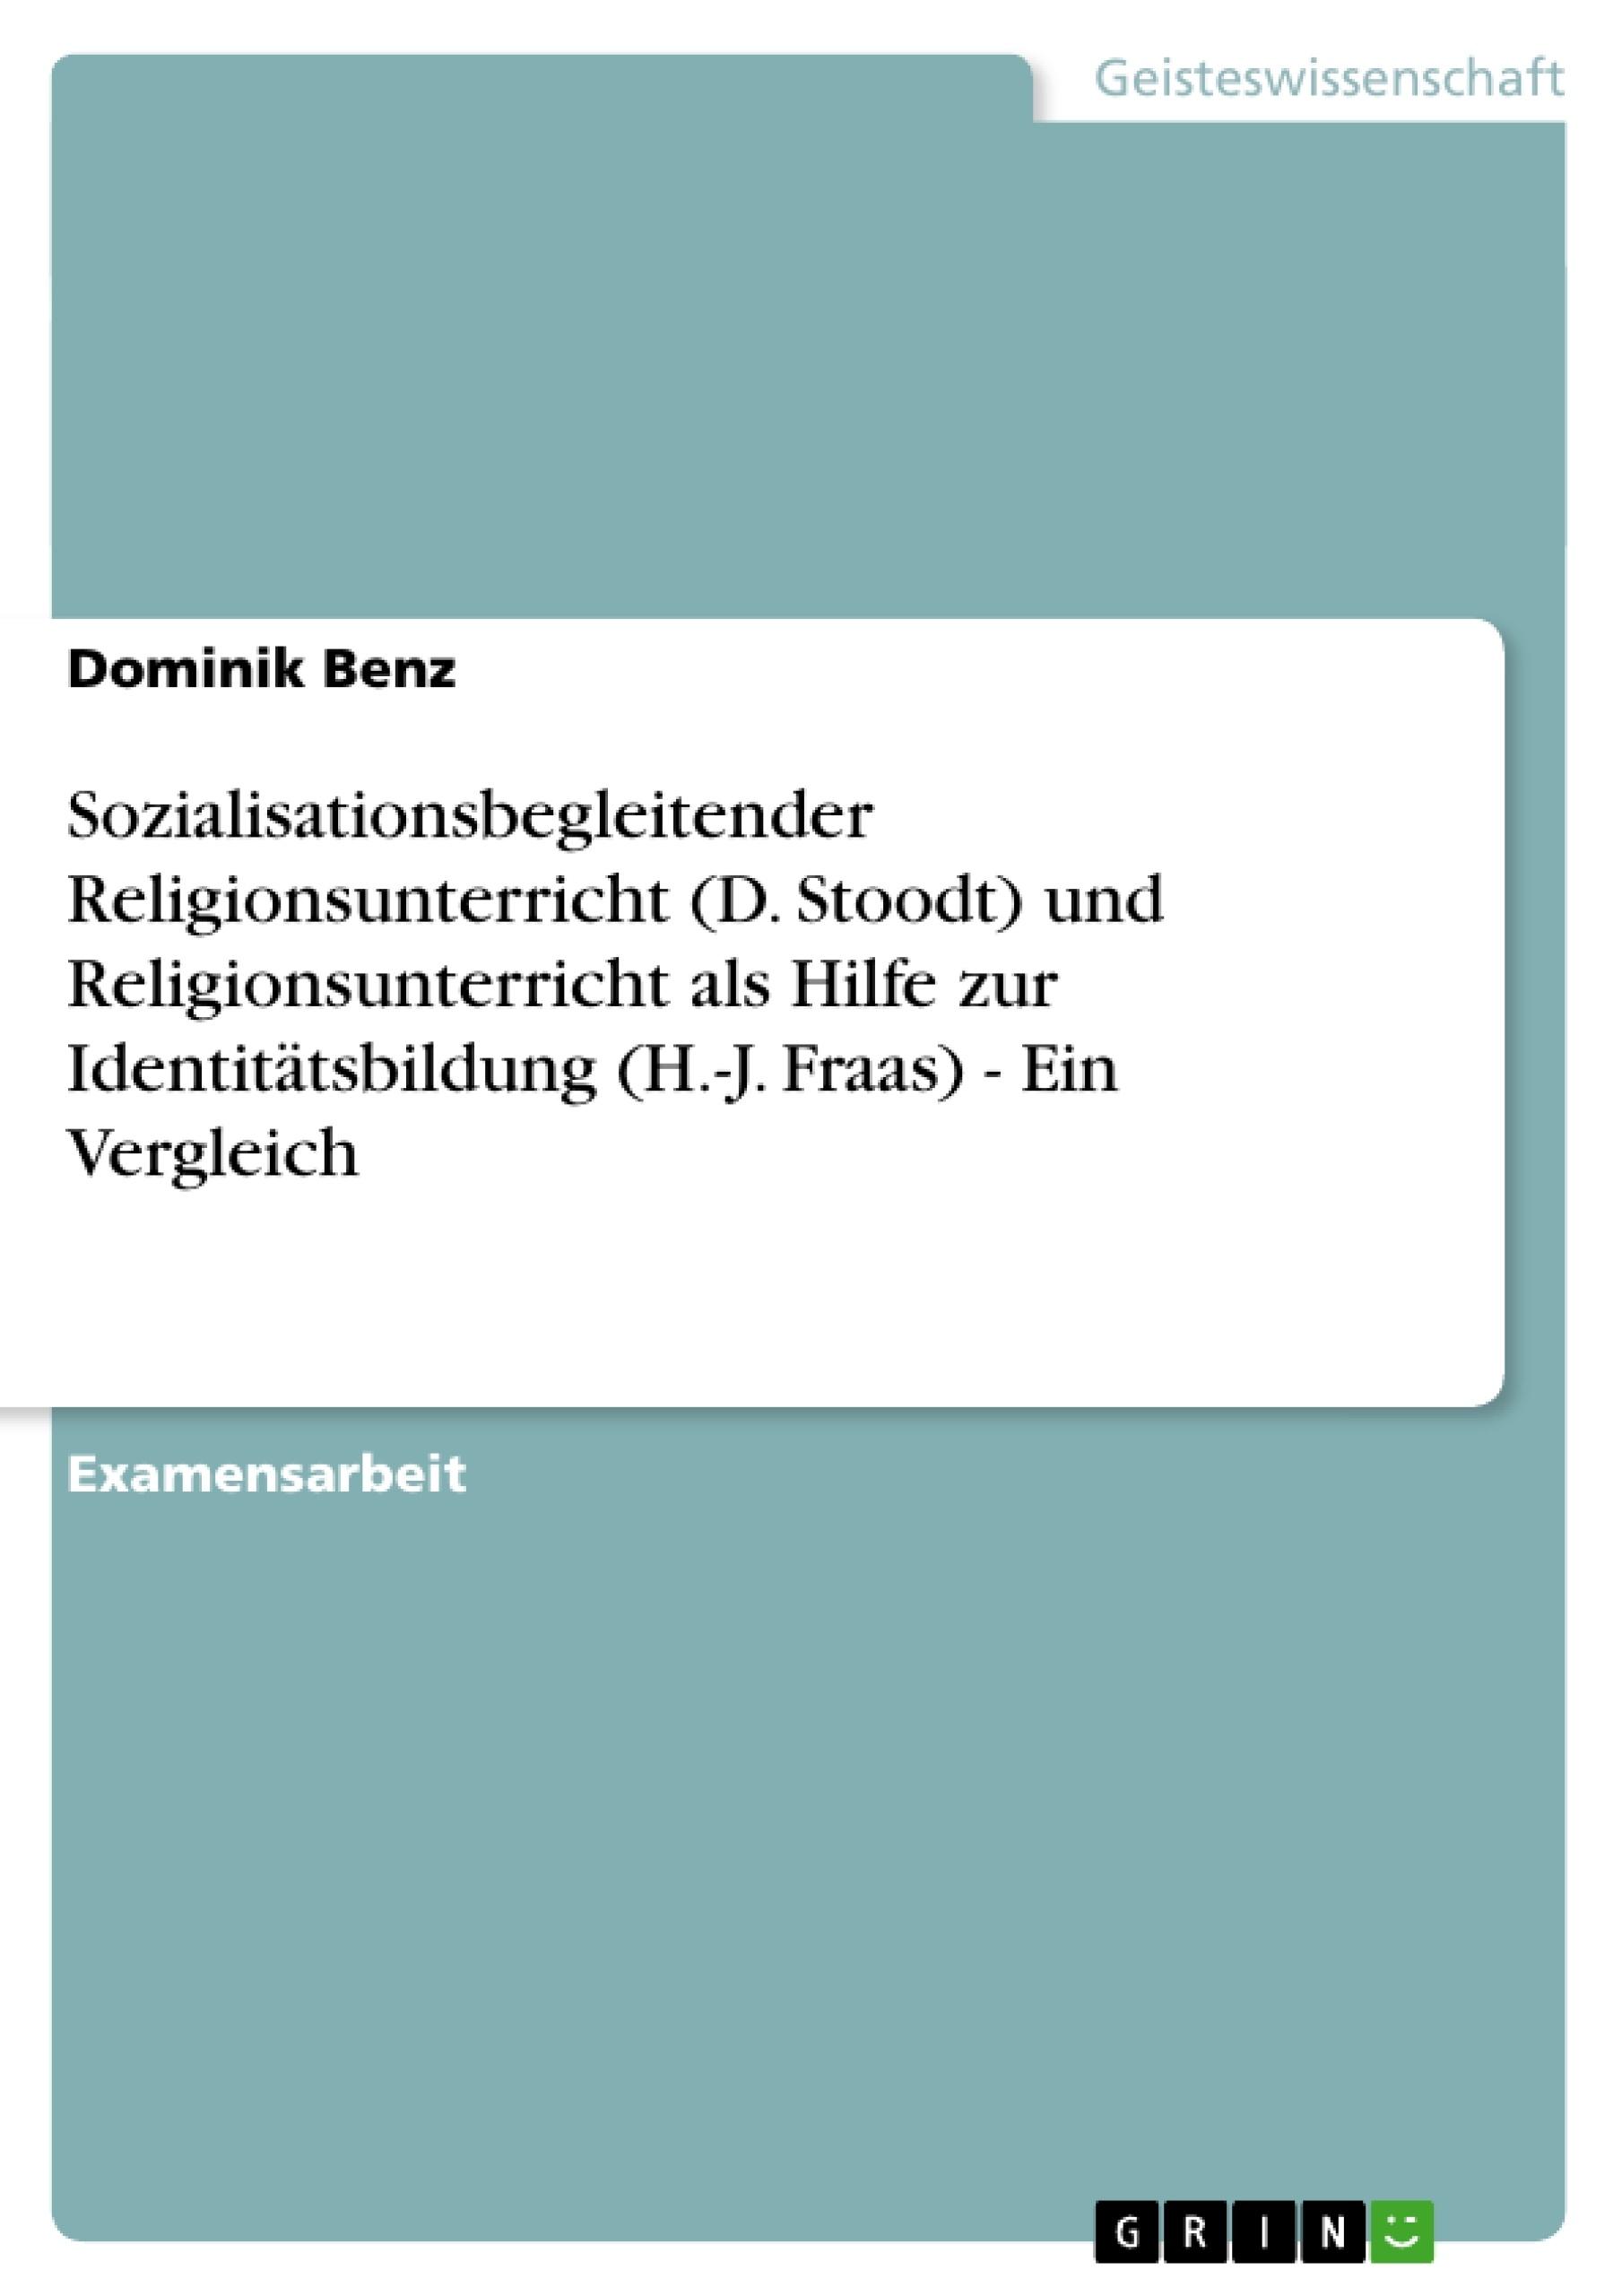 Titel: Sozialisationsbegleitender Religionsunterricht (D. Stoodt) und Religionsunterricht als Hilfe zur Identitätsbildung (H.-J. Fraas) - Ein Vergleich